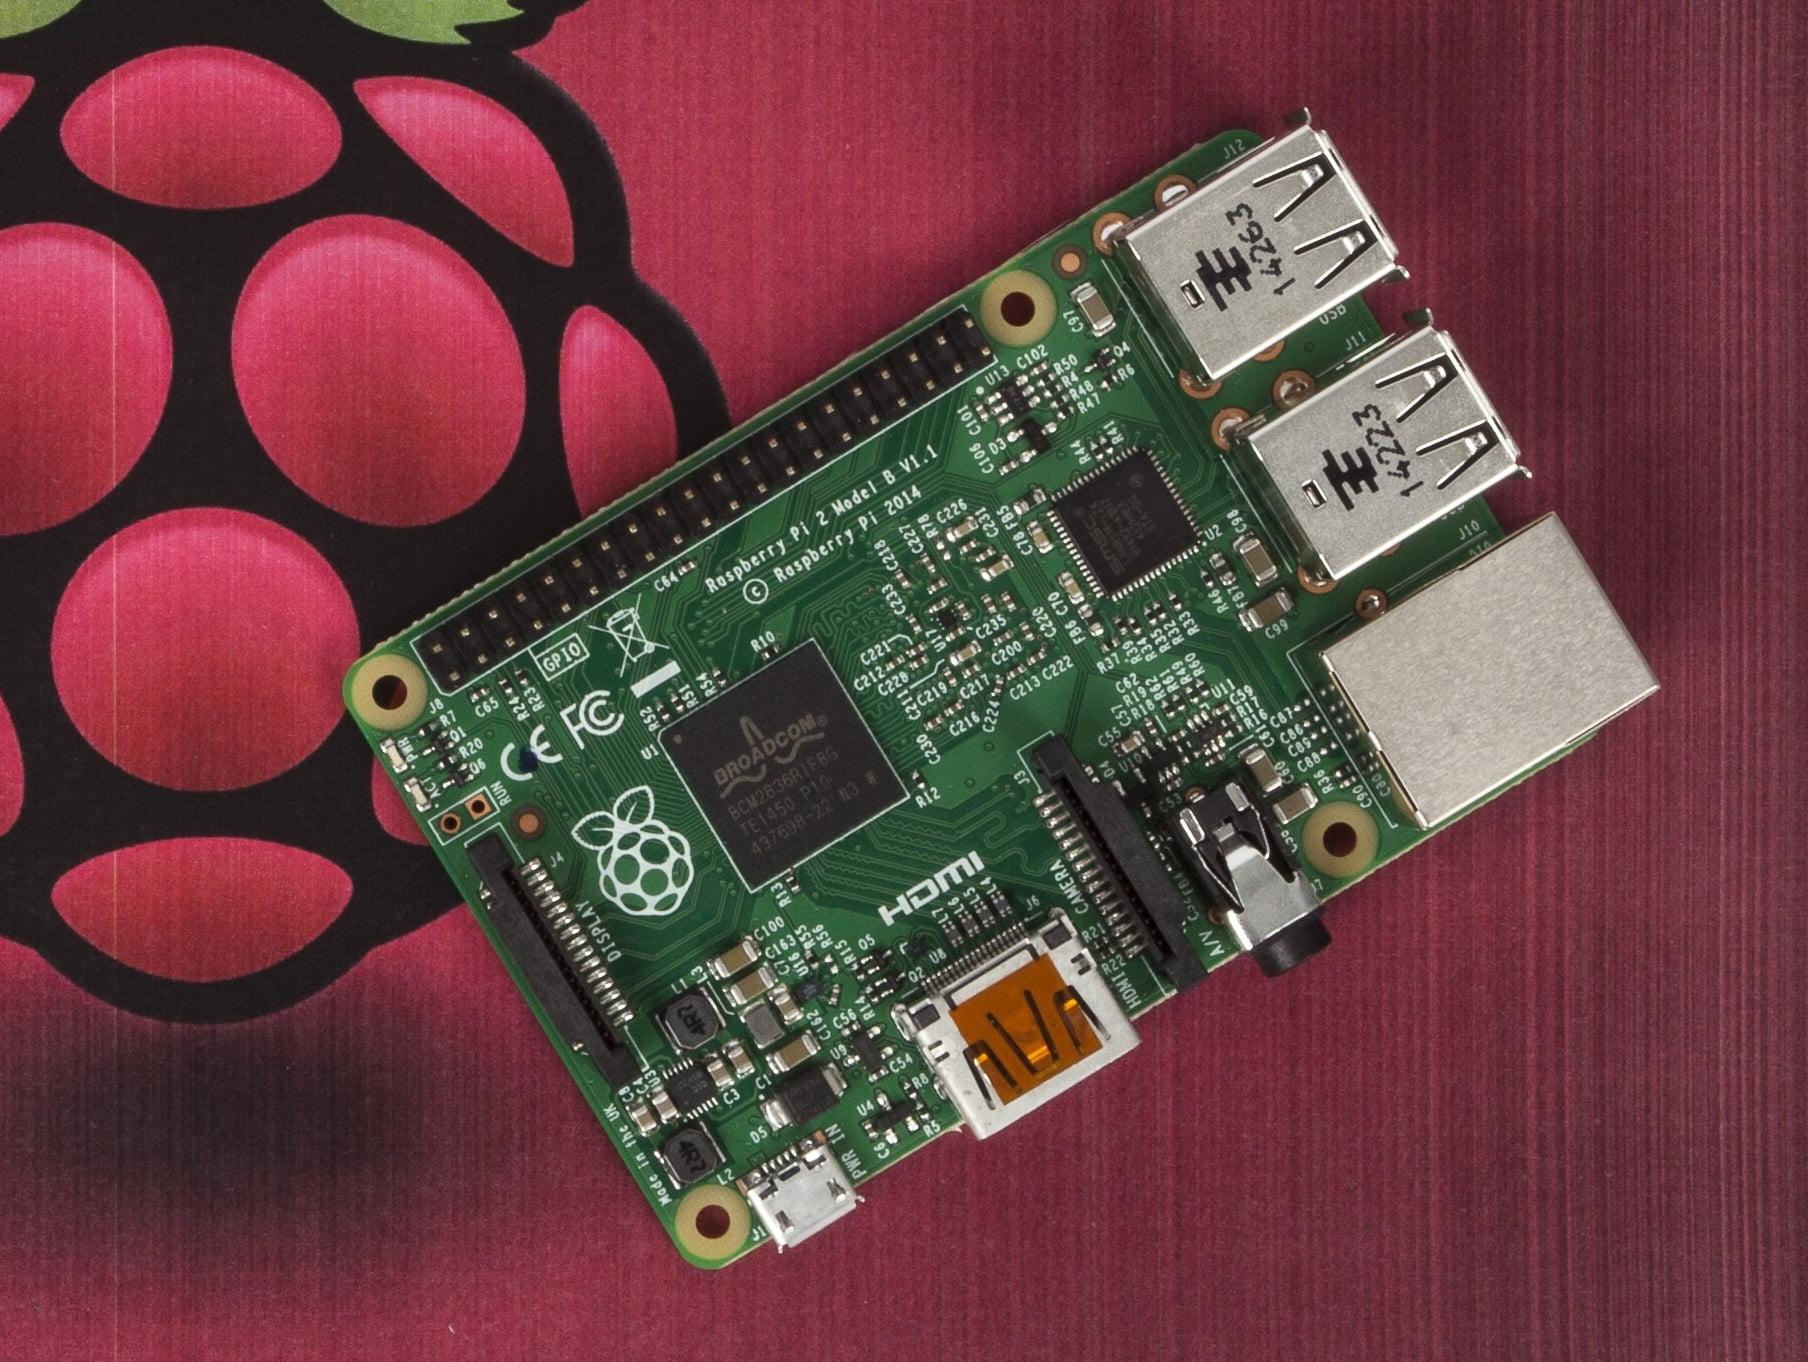 Установка Raspberry Pi — «безголовой» платформы для взлома под управлением Kali Linux